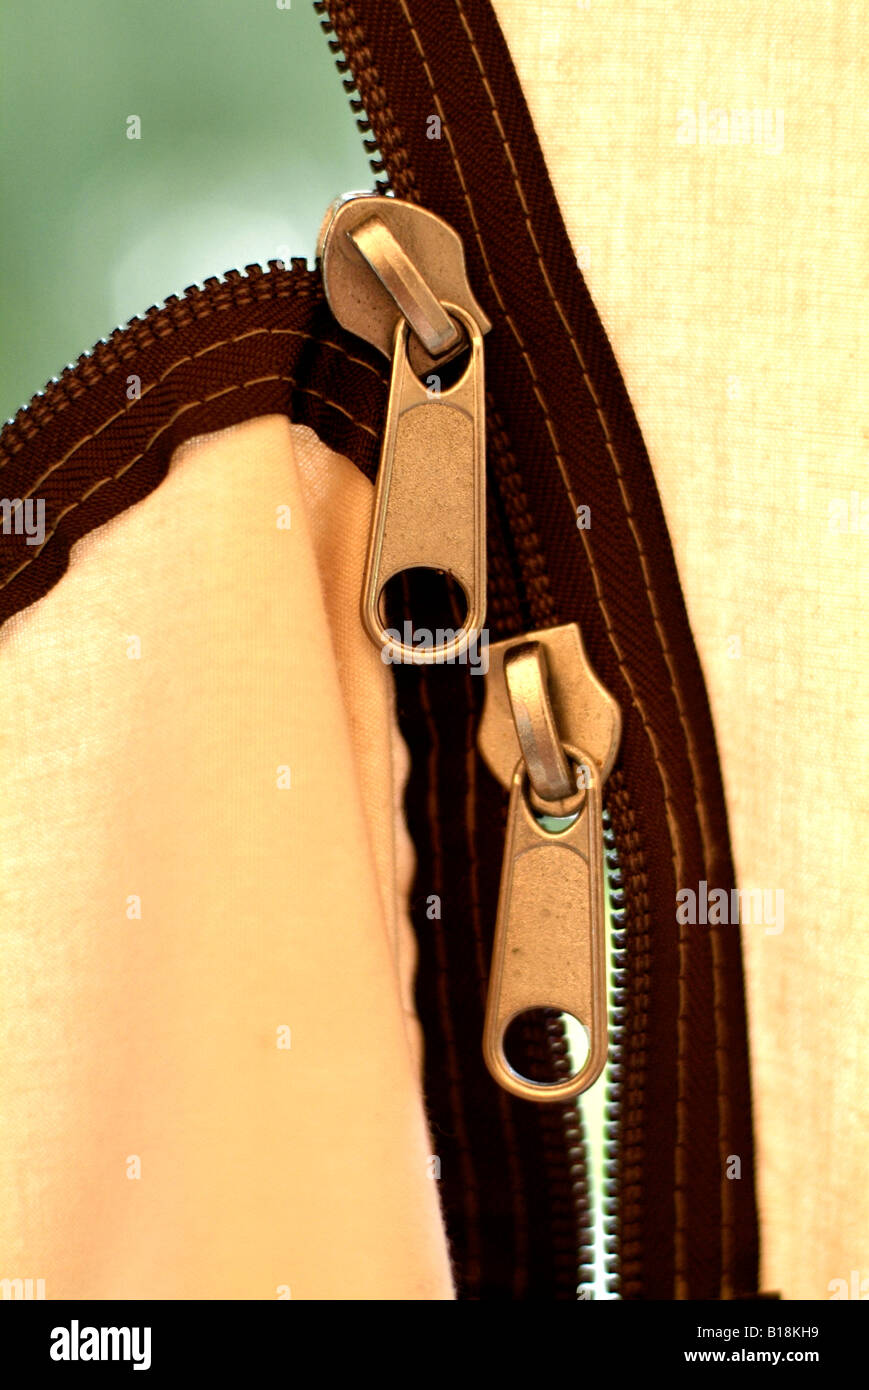 tent zip fasteners - Stock Image